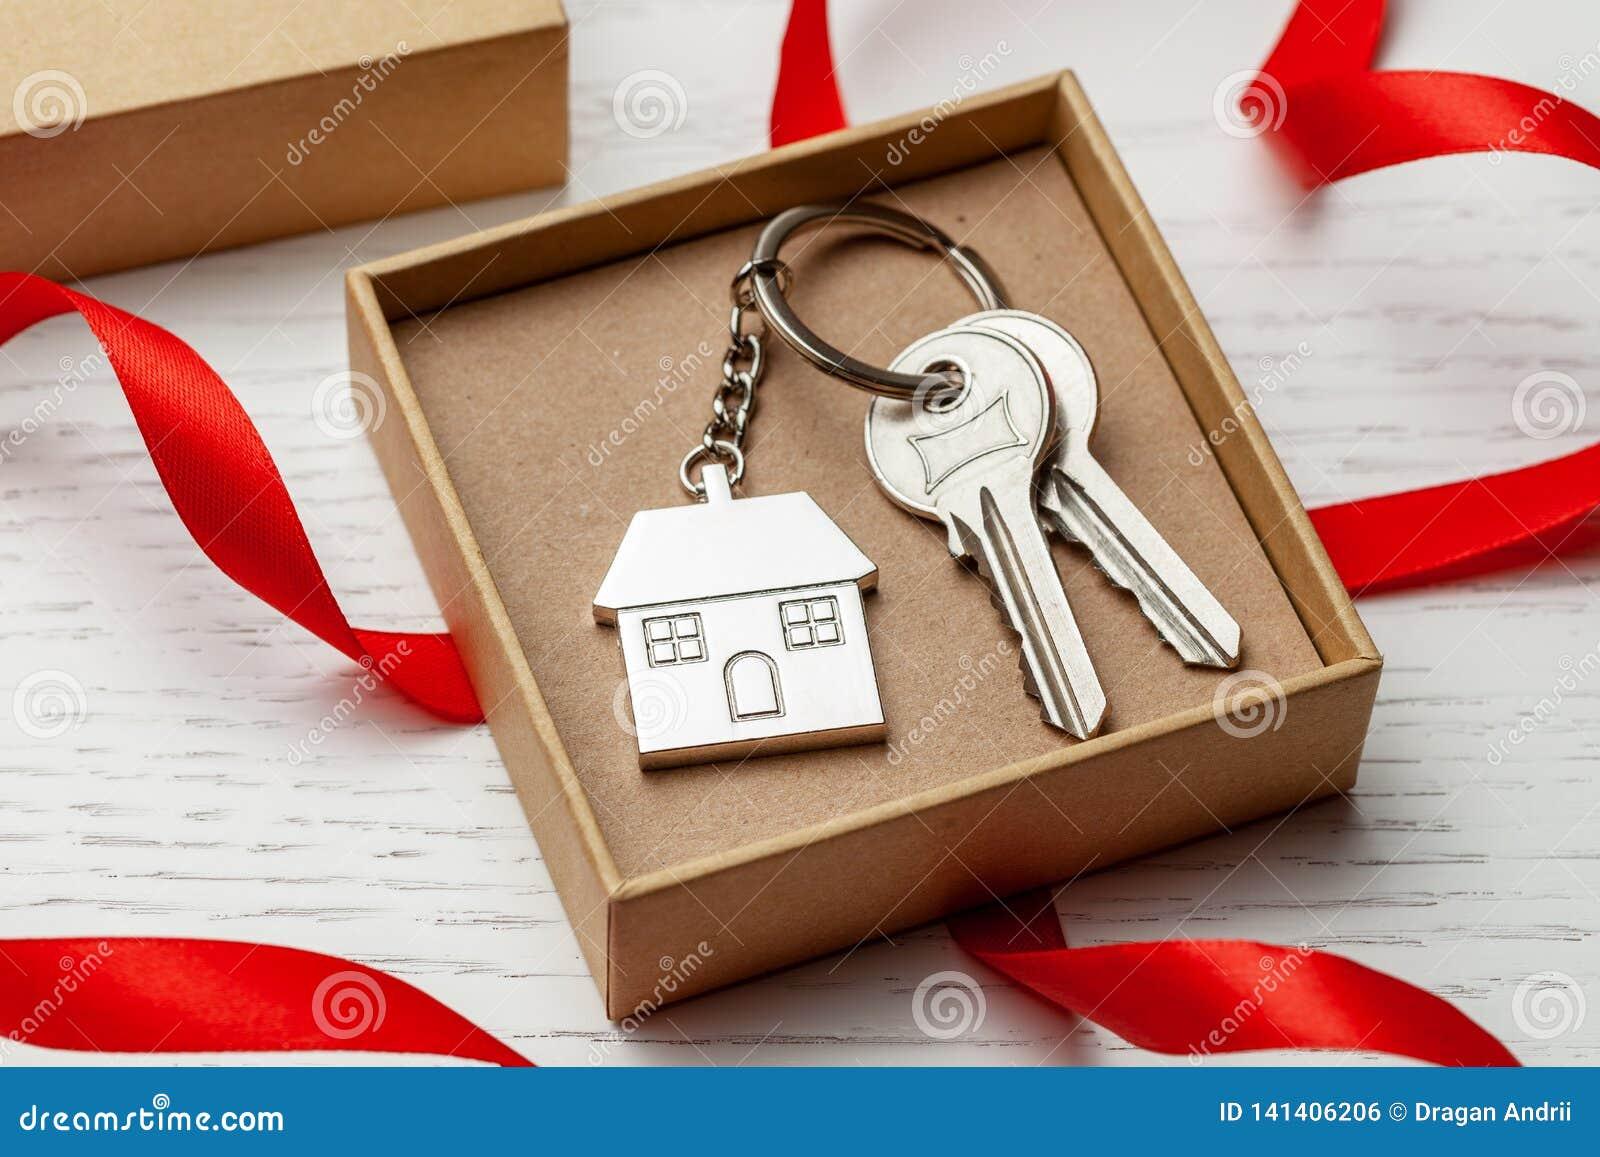 Σπίτι και κλειδιά Keychain με το κόκκινο κιβώτιο κορδελλών και δώρων στο άσπρο ξύλινο υπόβαθρο